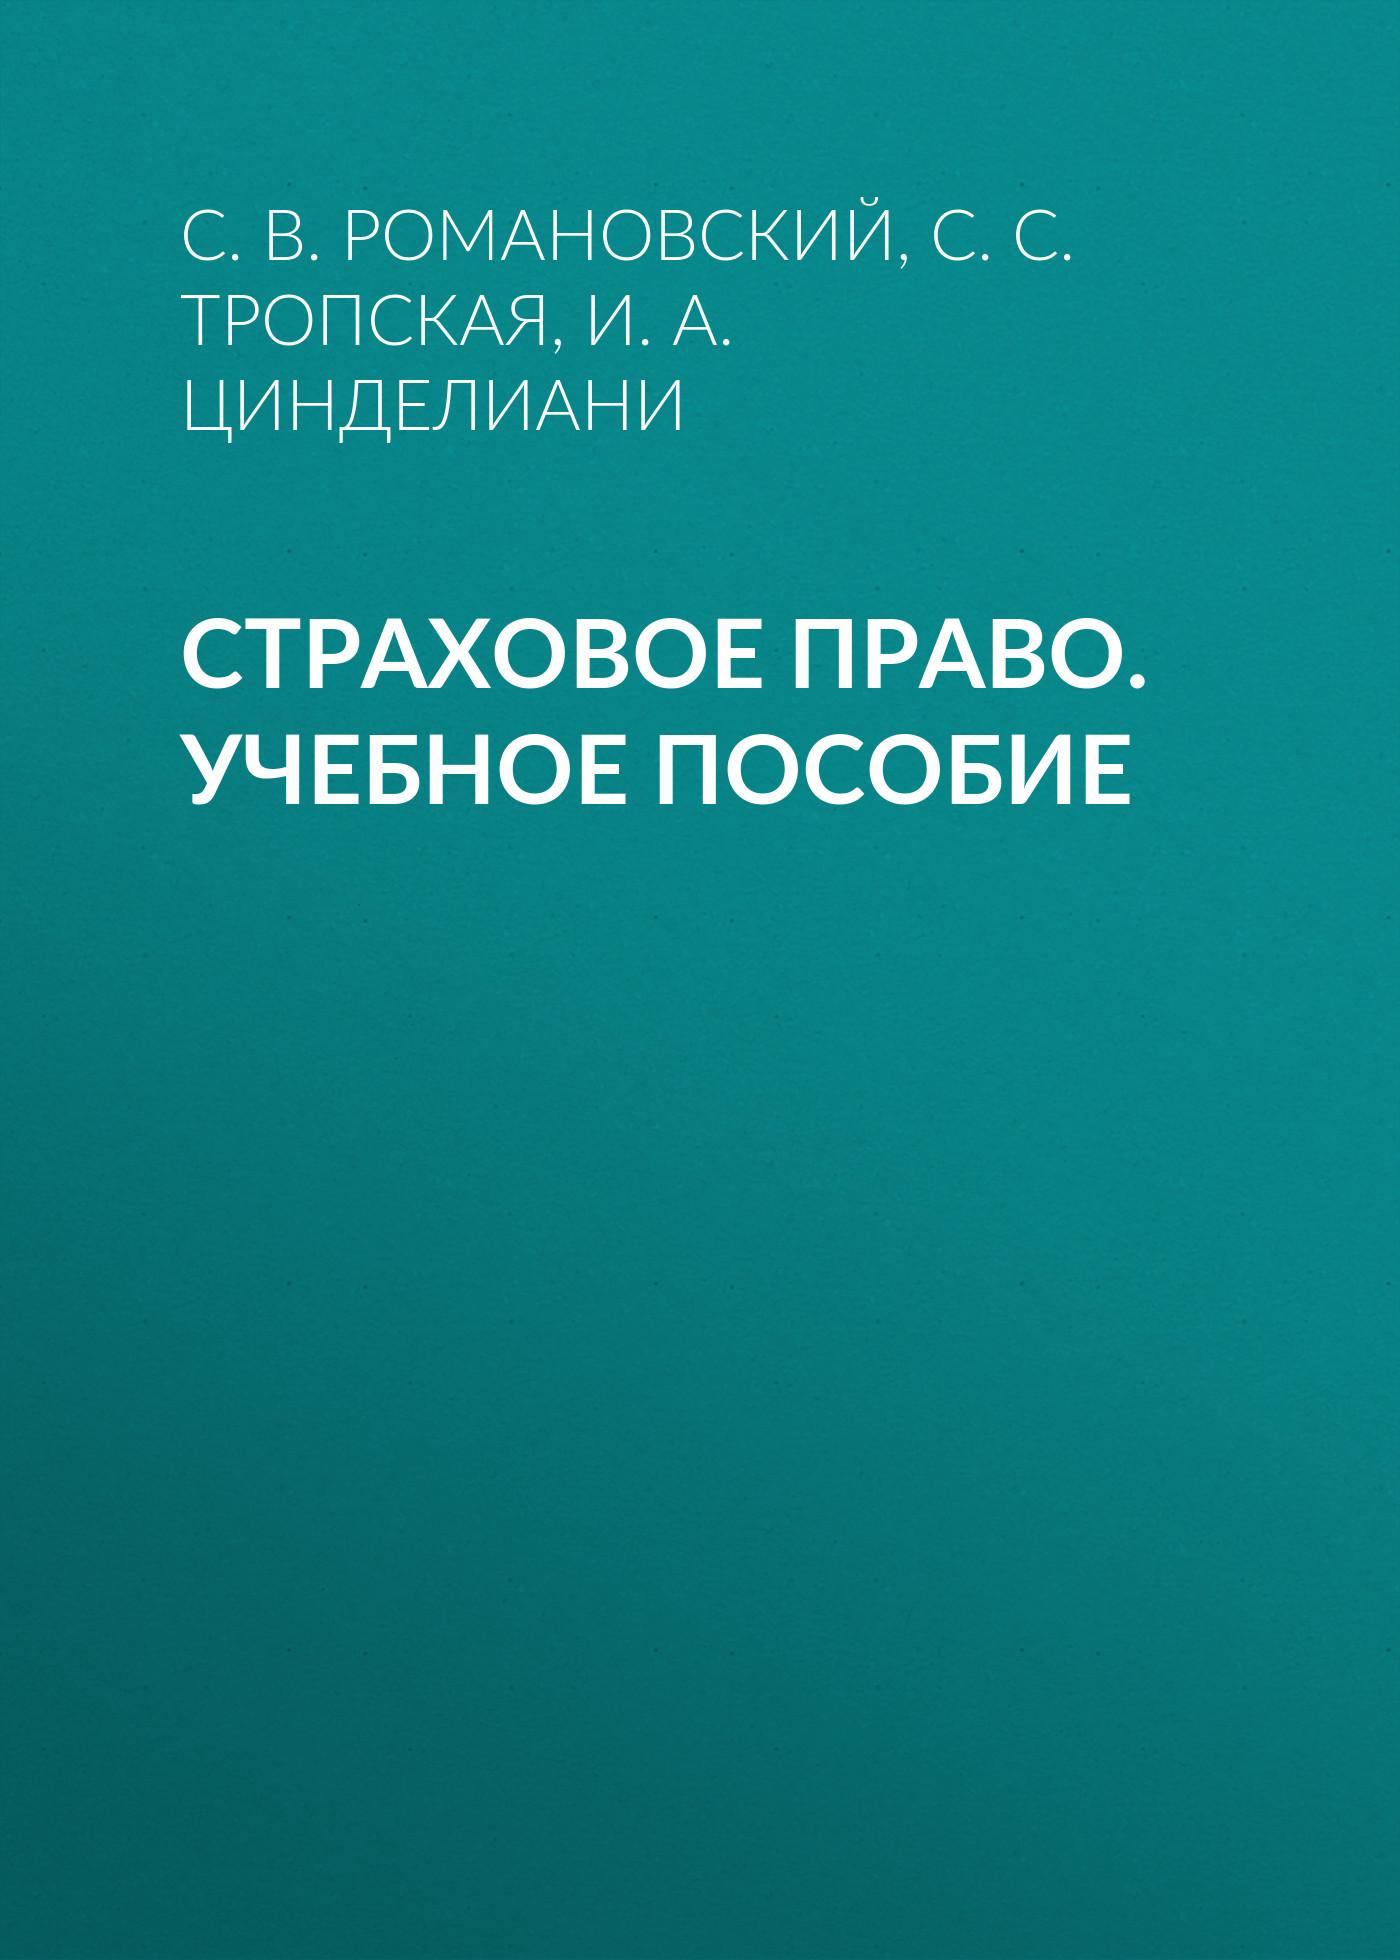 И. А. Цинделиани Страховое право. Учебное пособие и а цинделиани страховое право учебное пособие